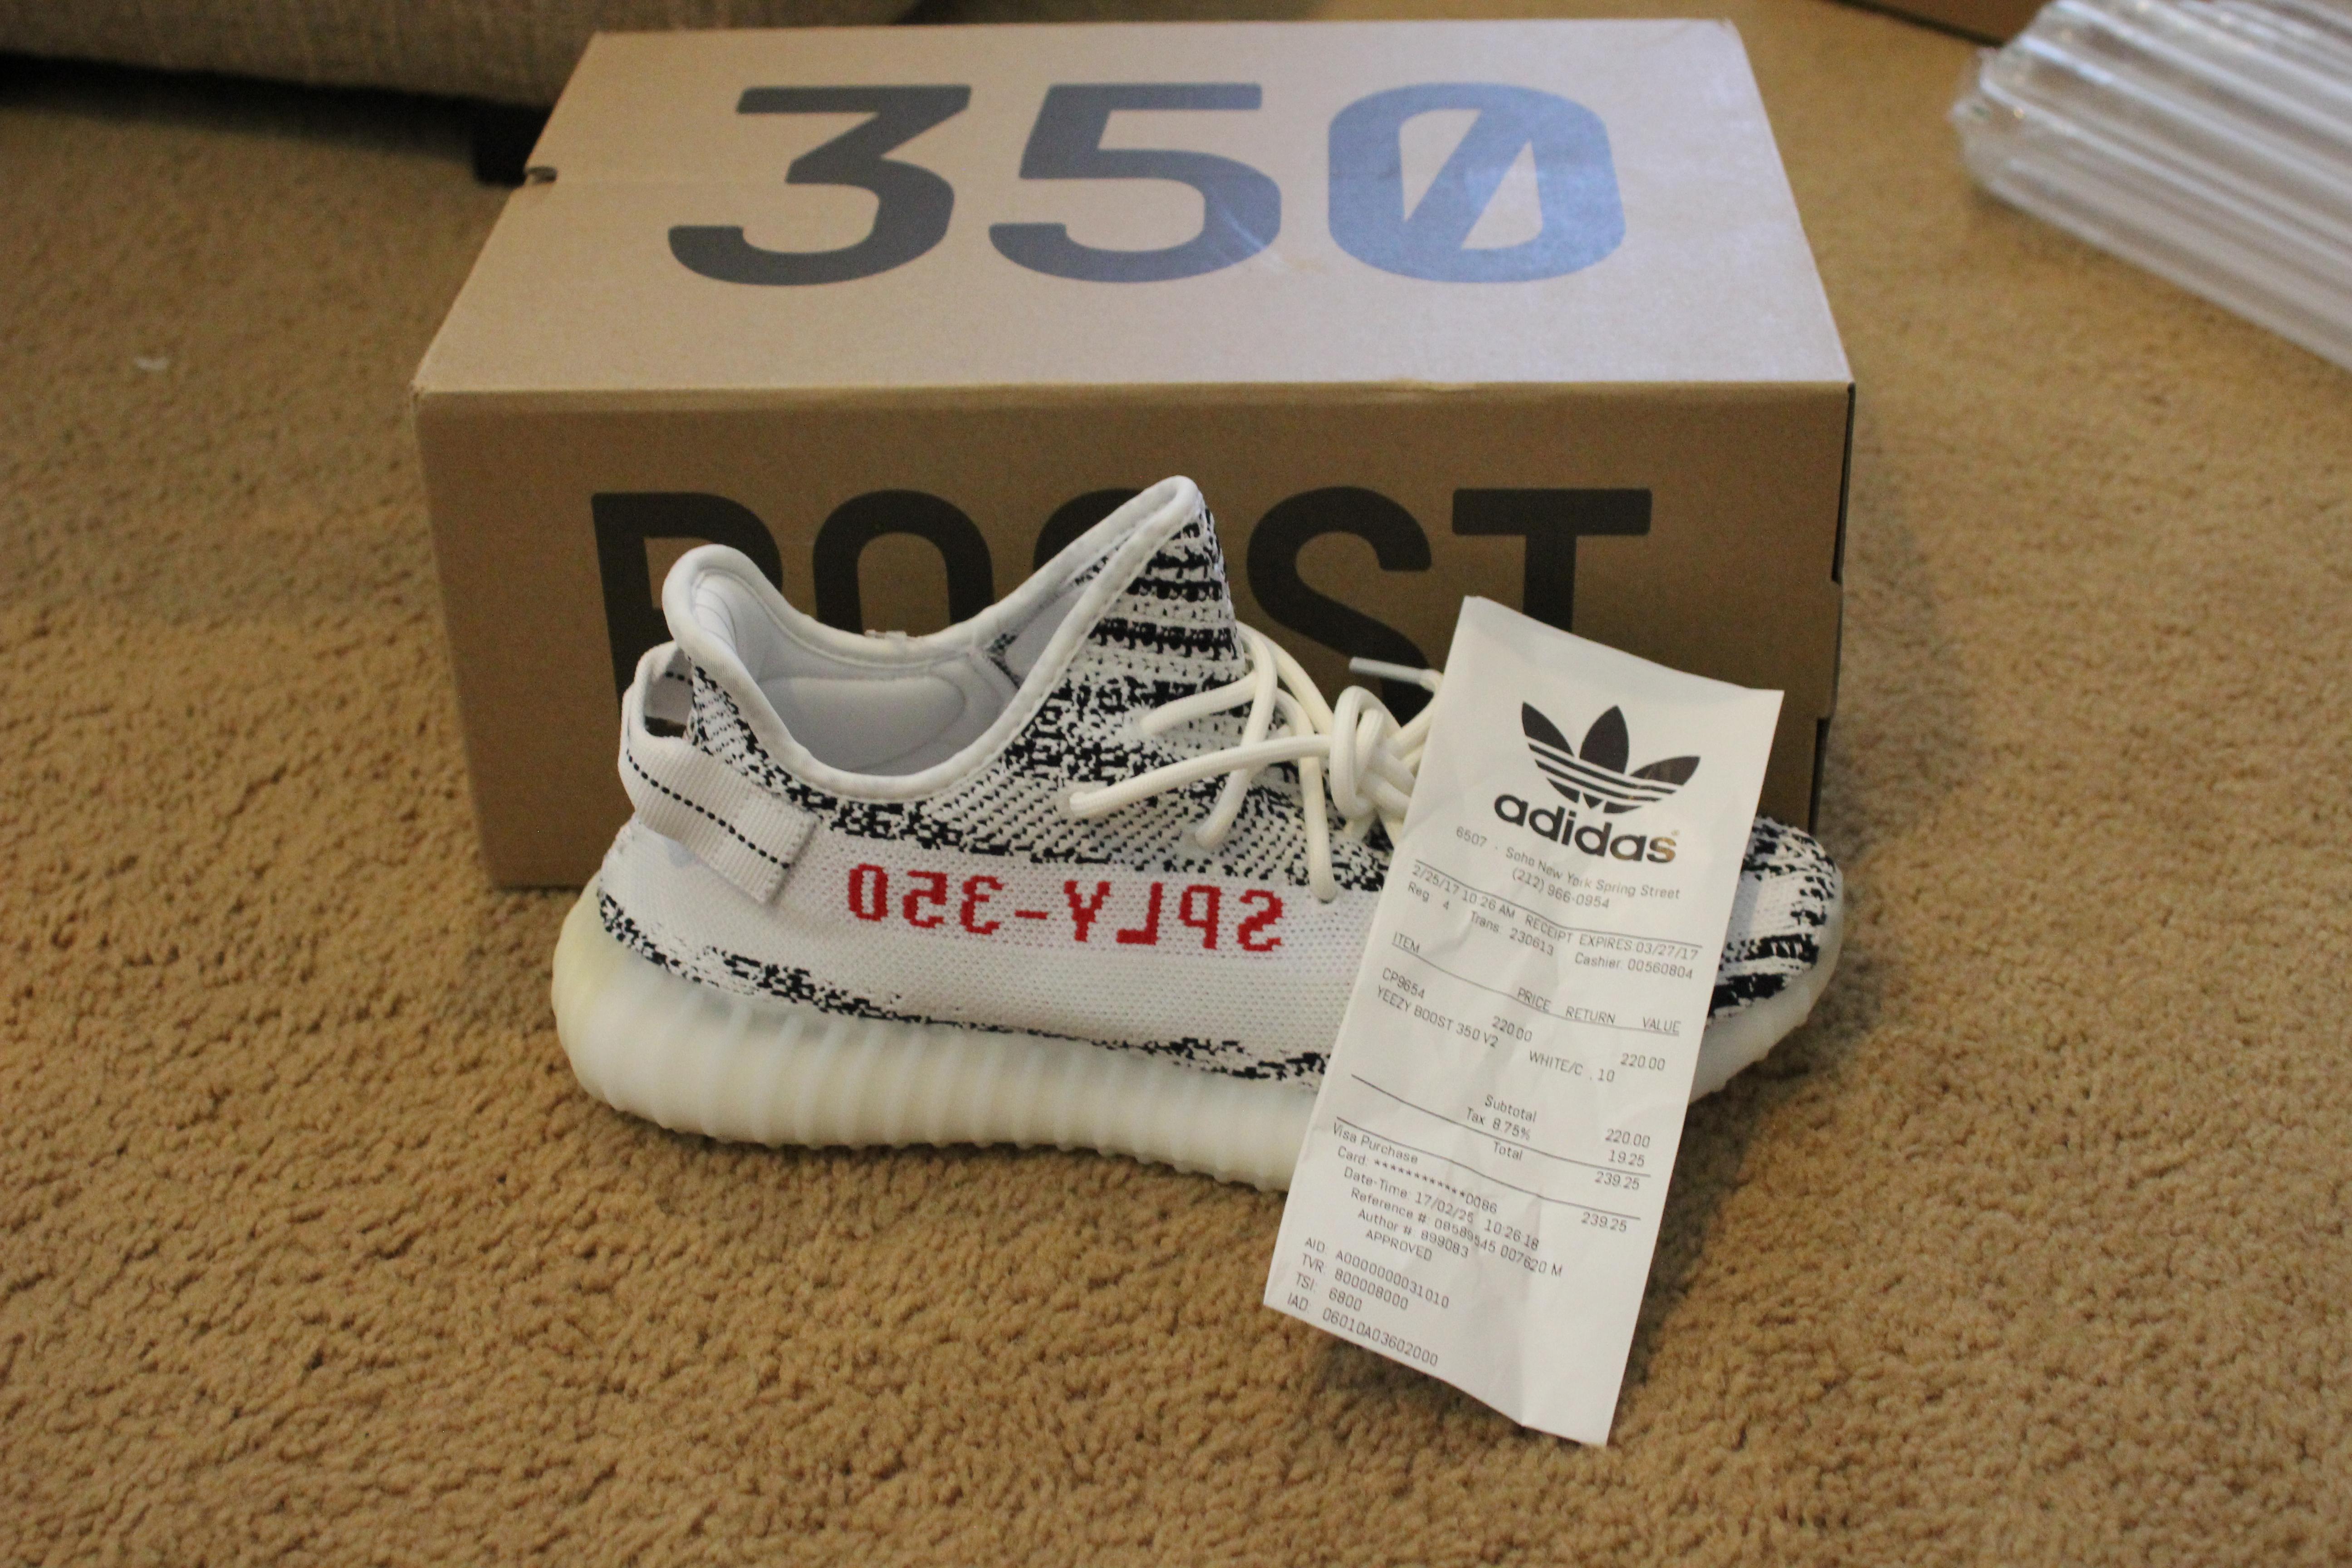 5383a7cd1 Adidas Kanye West Yeezy Boost 350 V2 Zebra W Receipt Size 10 - Low ...